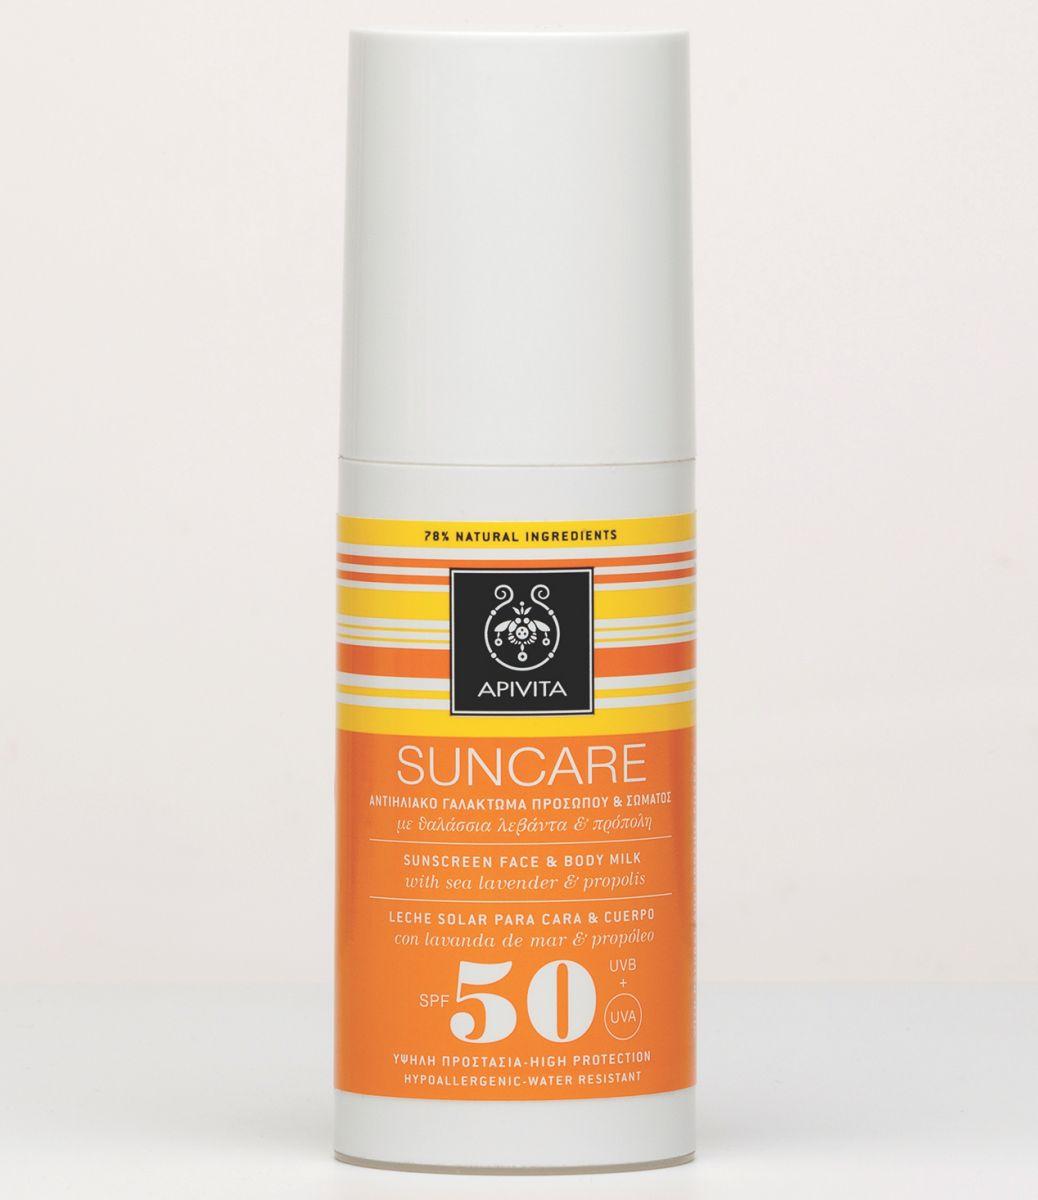 Под теплыми лучами: солнцезащитная линия SUNCARE от APIVITA - найди средство для себя